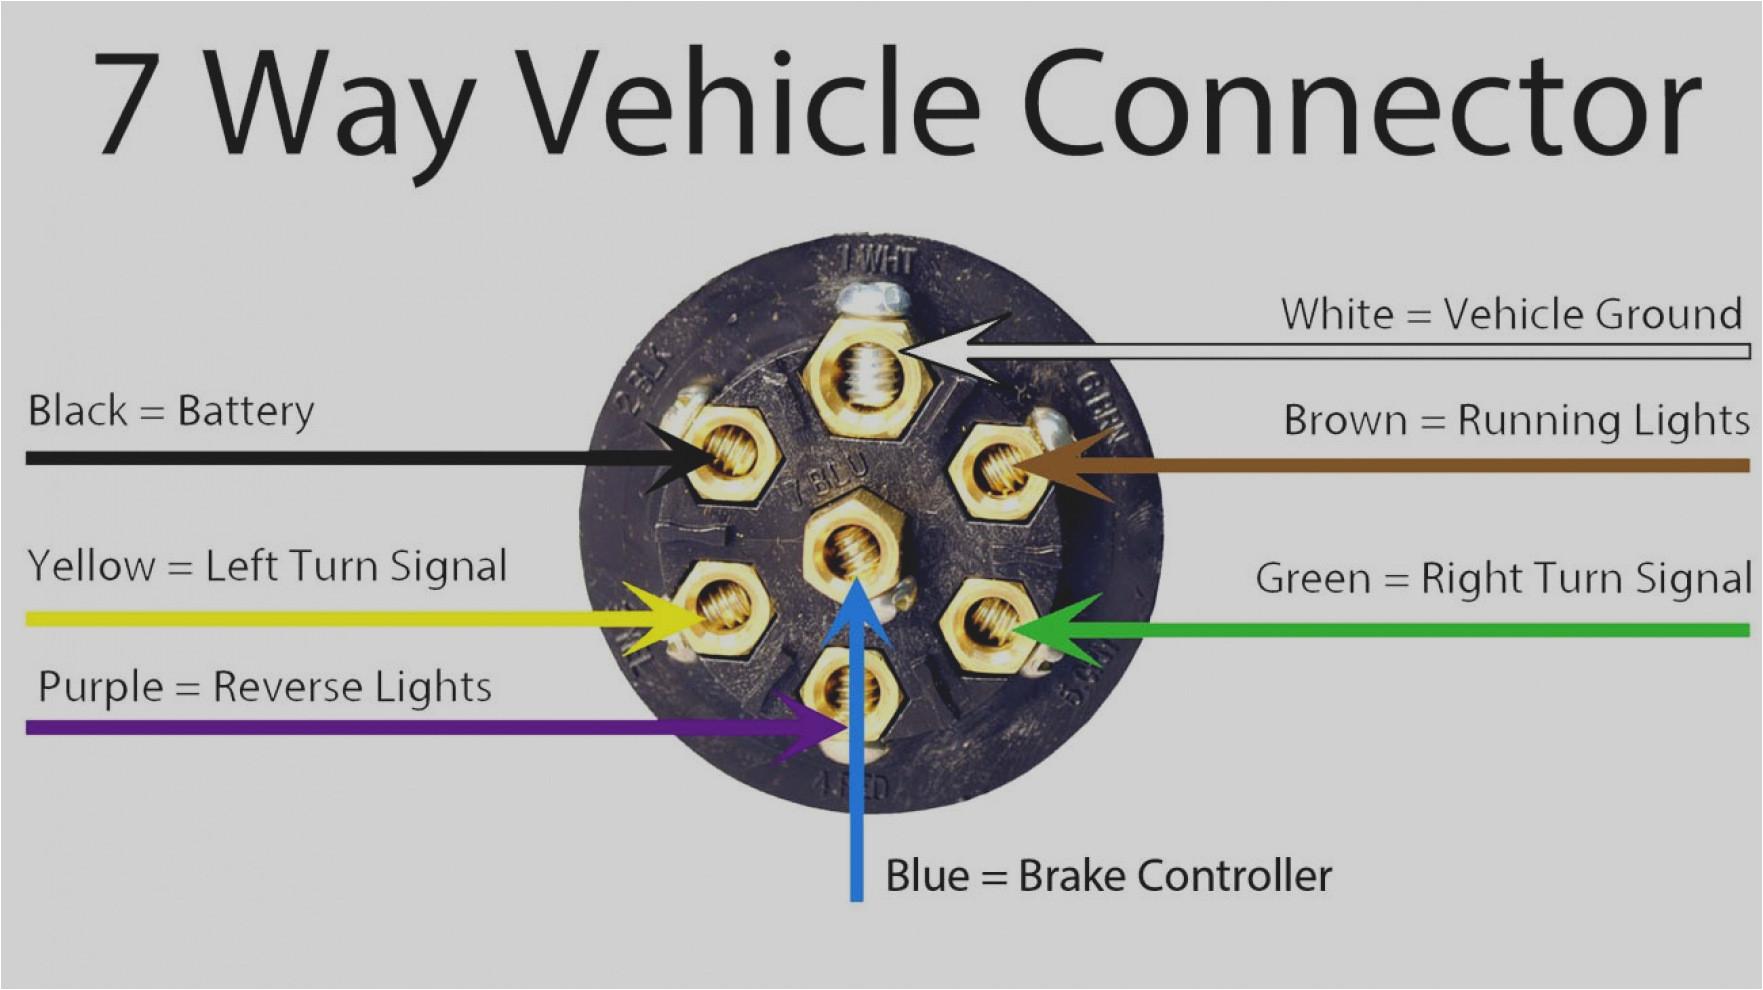 7 Pin Round Trailer Wiring Diagram 6 Pin Round Trailer Wiring Diagram Free Download Wiring Diagram